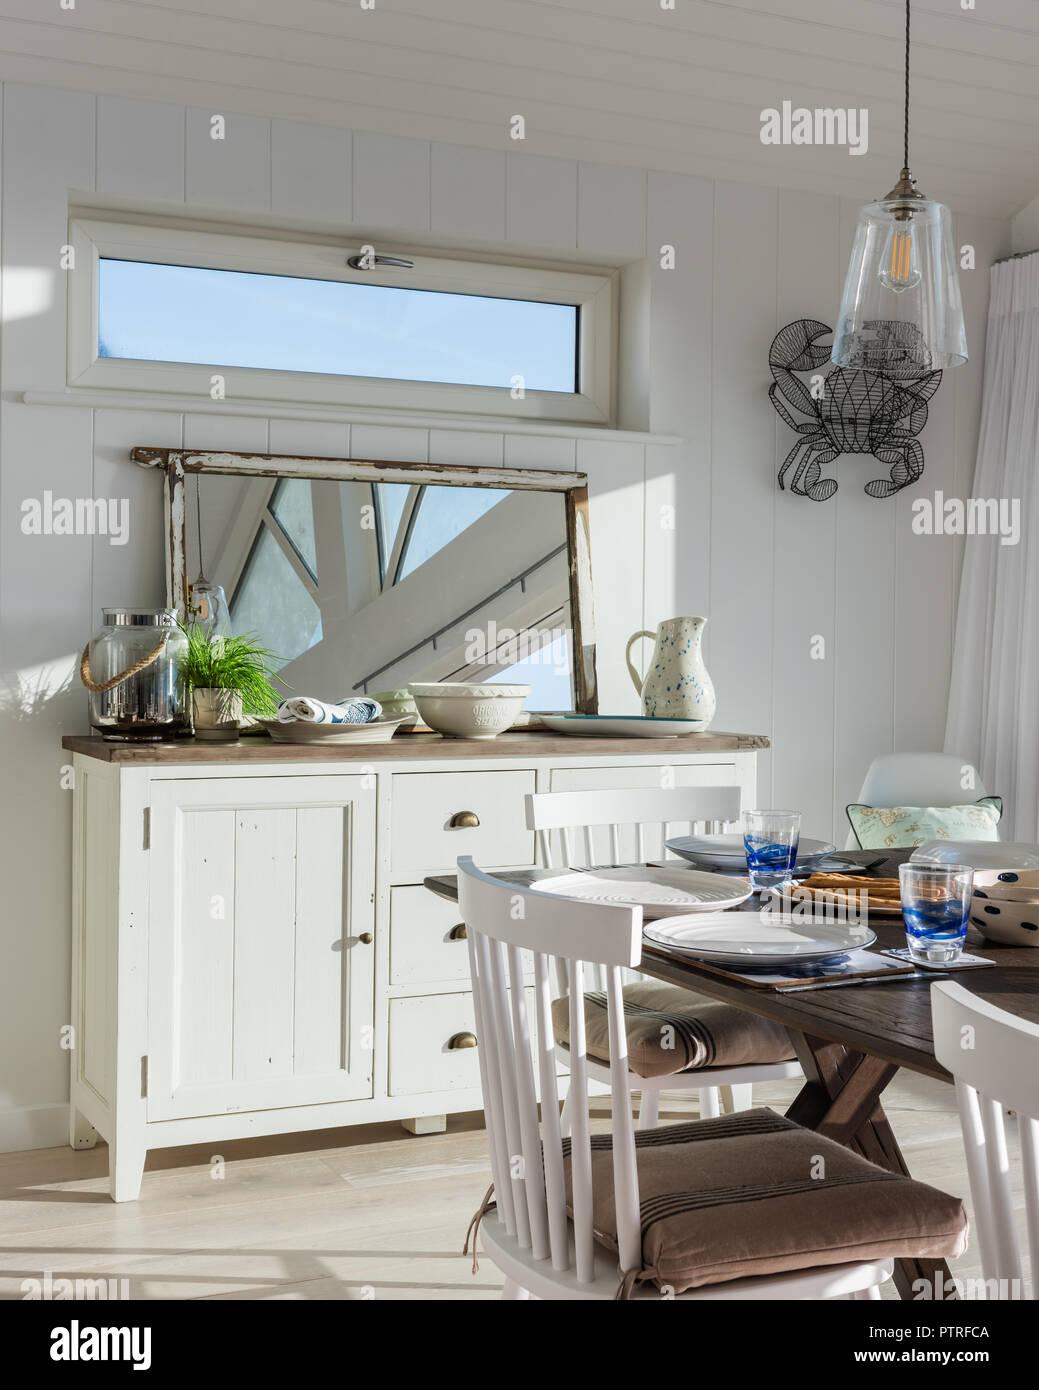 Merveilleux Cuisine Ouverte Et Salle à Manger Avec Vue Sur La Mer De Style Shaker Avec  Miroir Bahut Et Table à Manger Dans La Maison Côtière